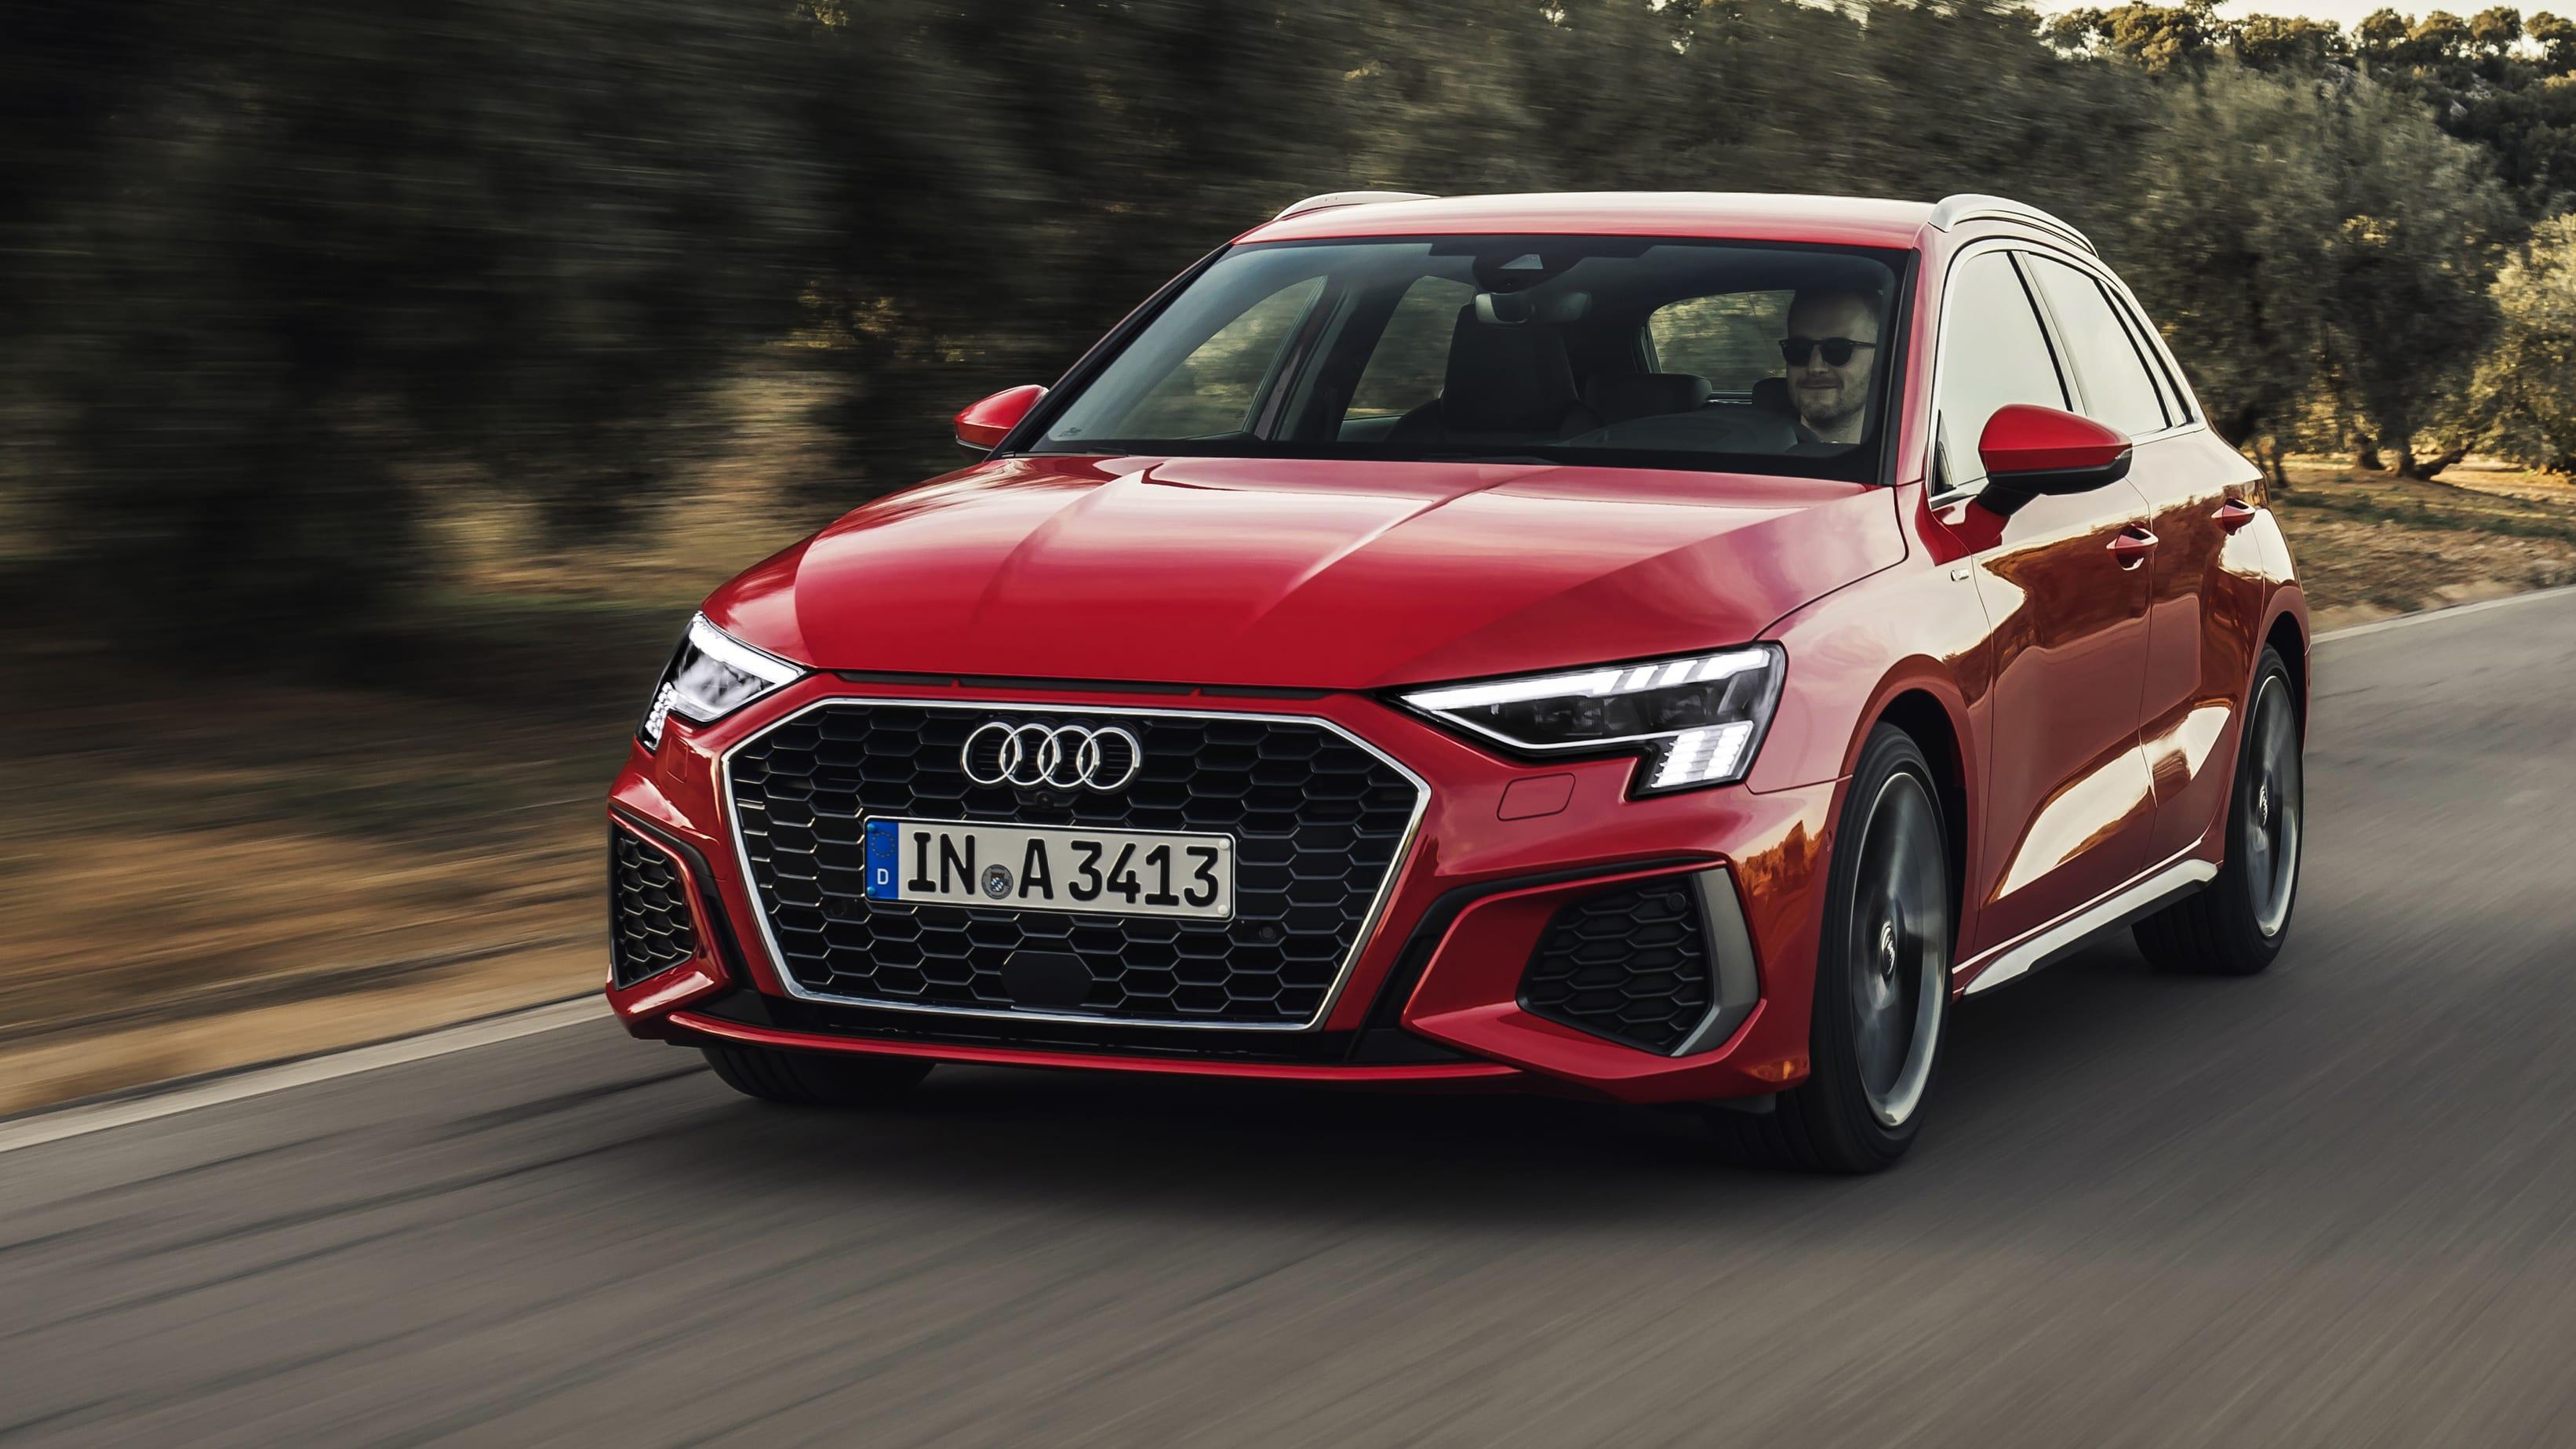 Audi A3 S Line 2021